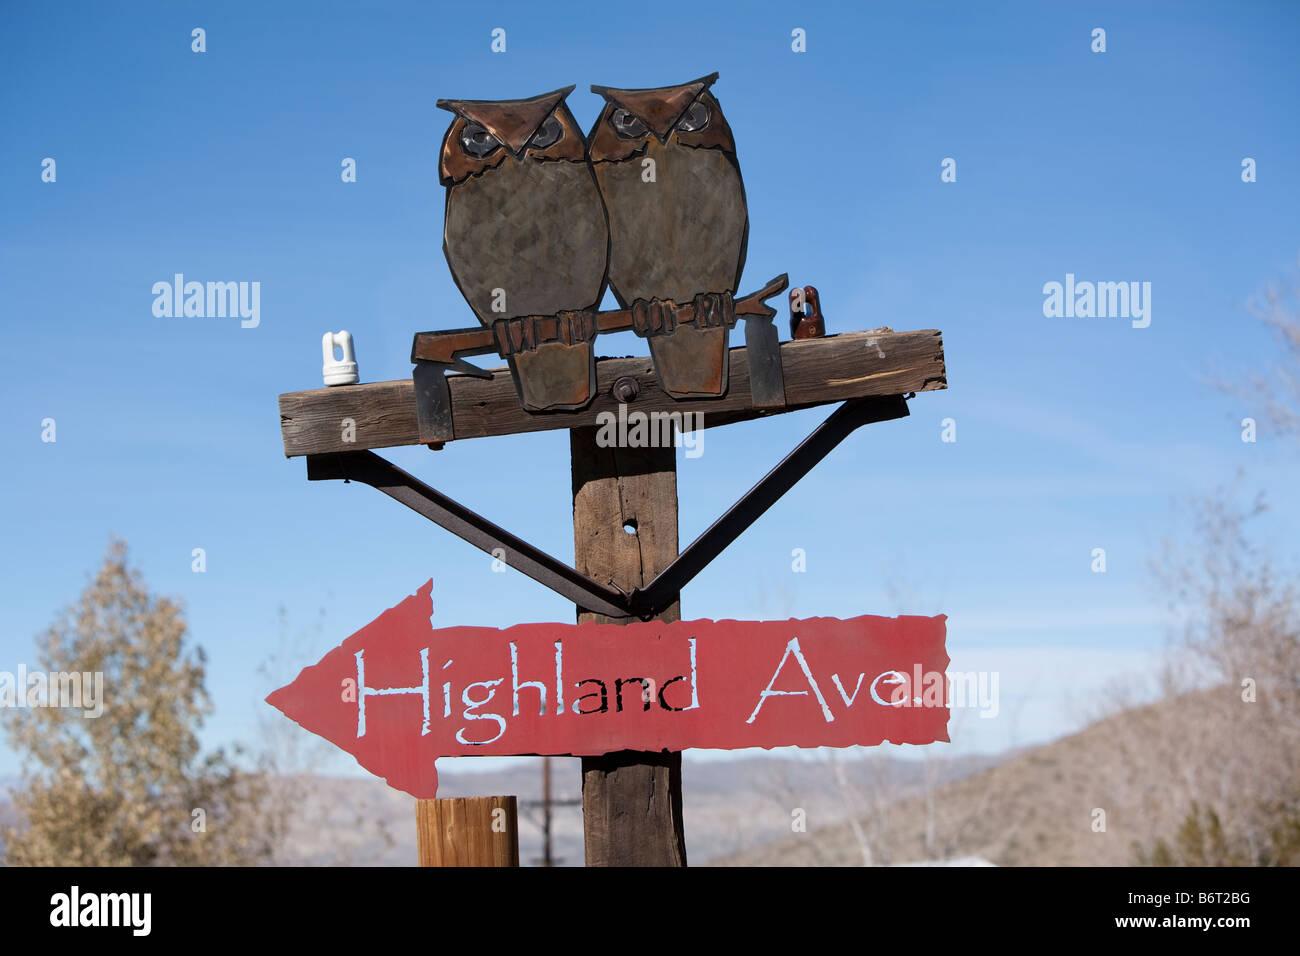 Dekoratives Schild mit zwei Metall-Eulen thront auf einem Schild mit Pfeil in die Richtung von Highland Ave. Stockbild